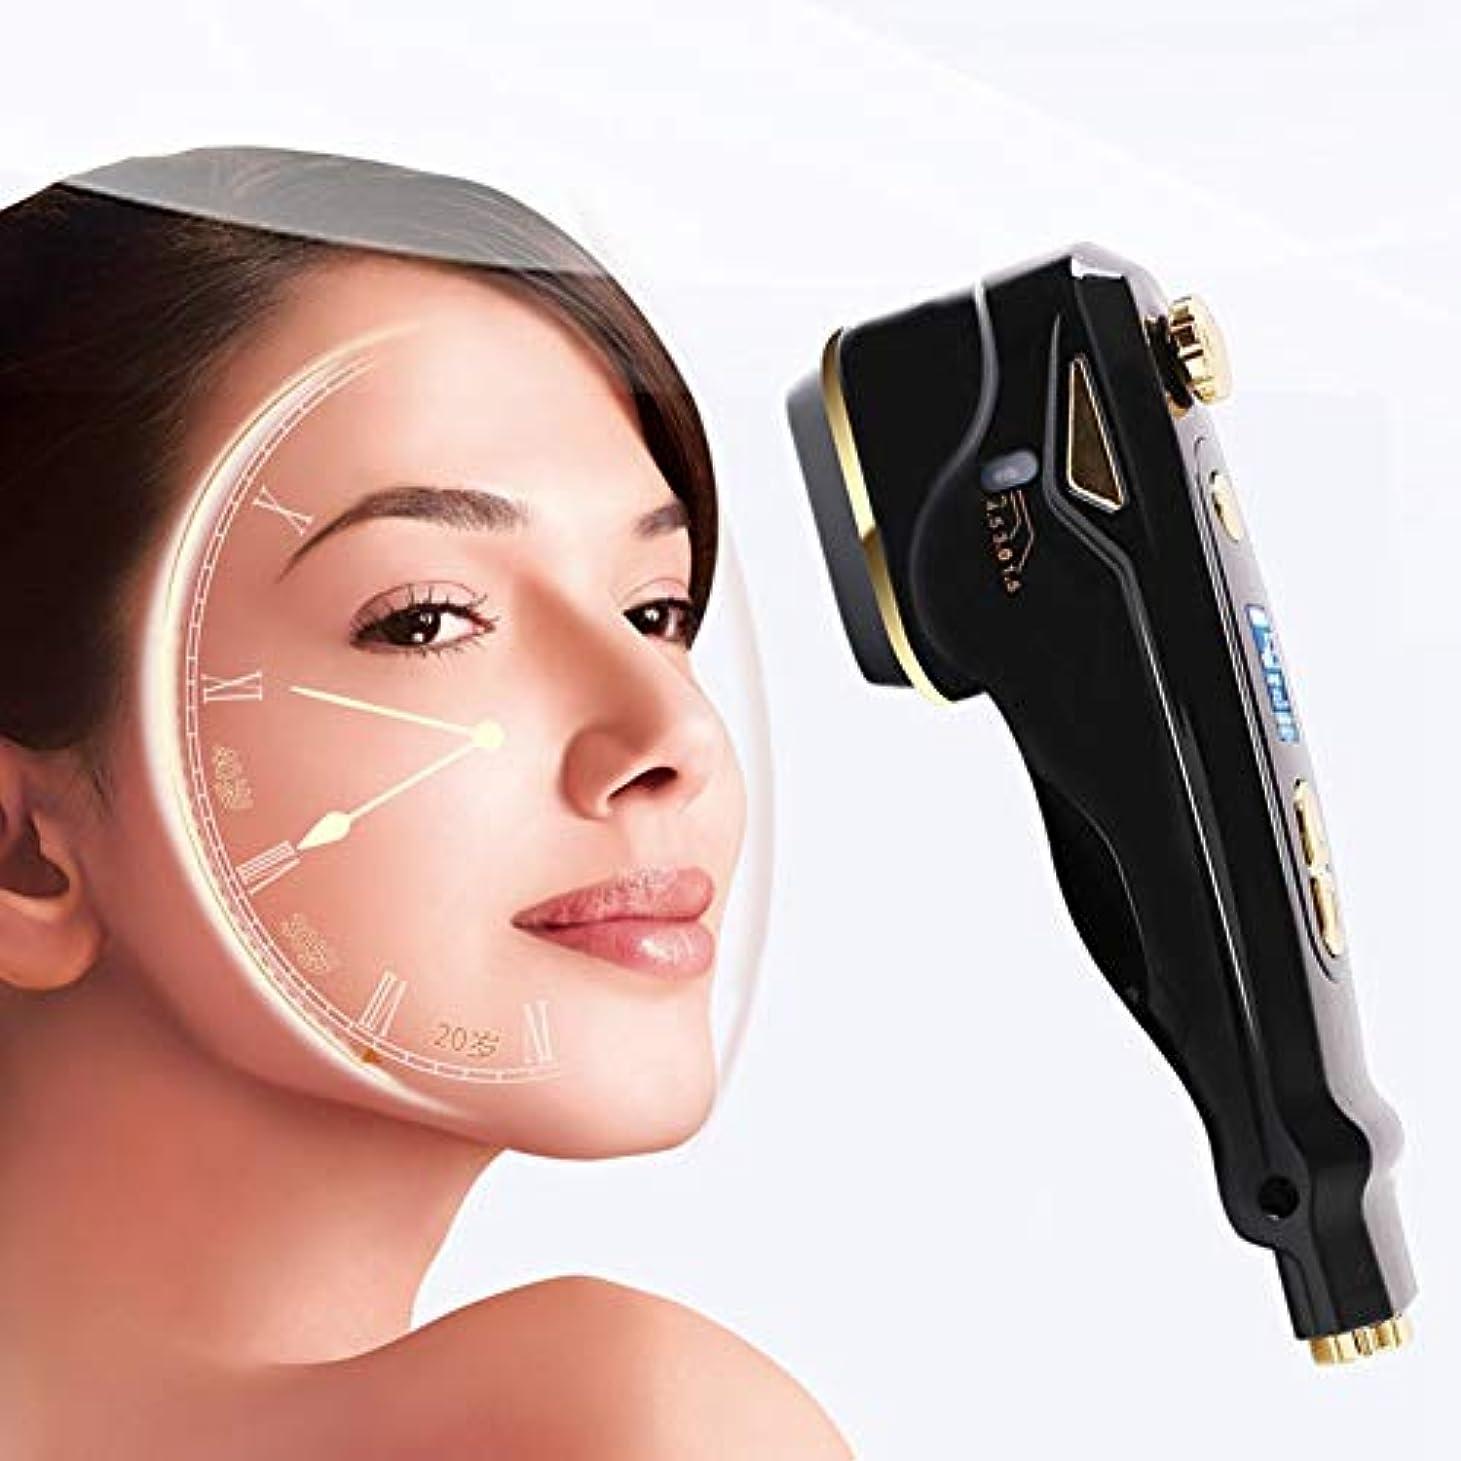 本体ロータリー寝室スキンフェイシャルマシン - ポータブルハンドヘルド高周波スキンセラピーマシンにきび肌のしわを引き締めダークサークルを軽減します腫れぼったい目の美容ツール